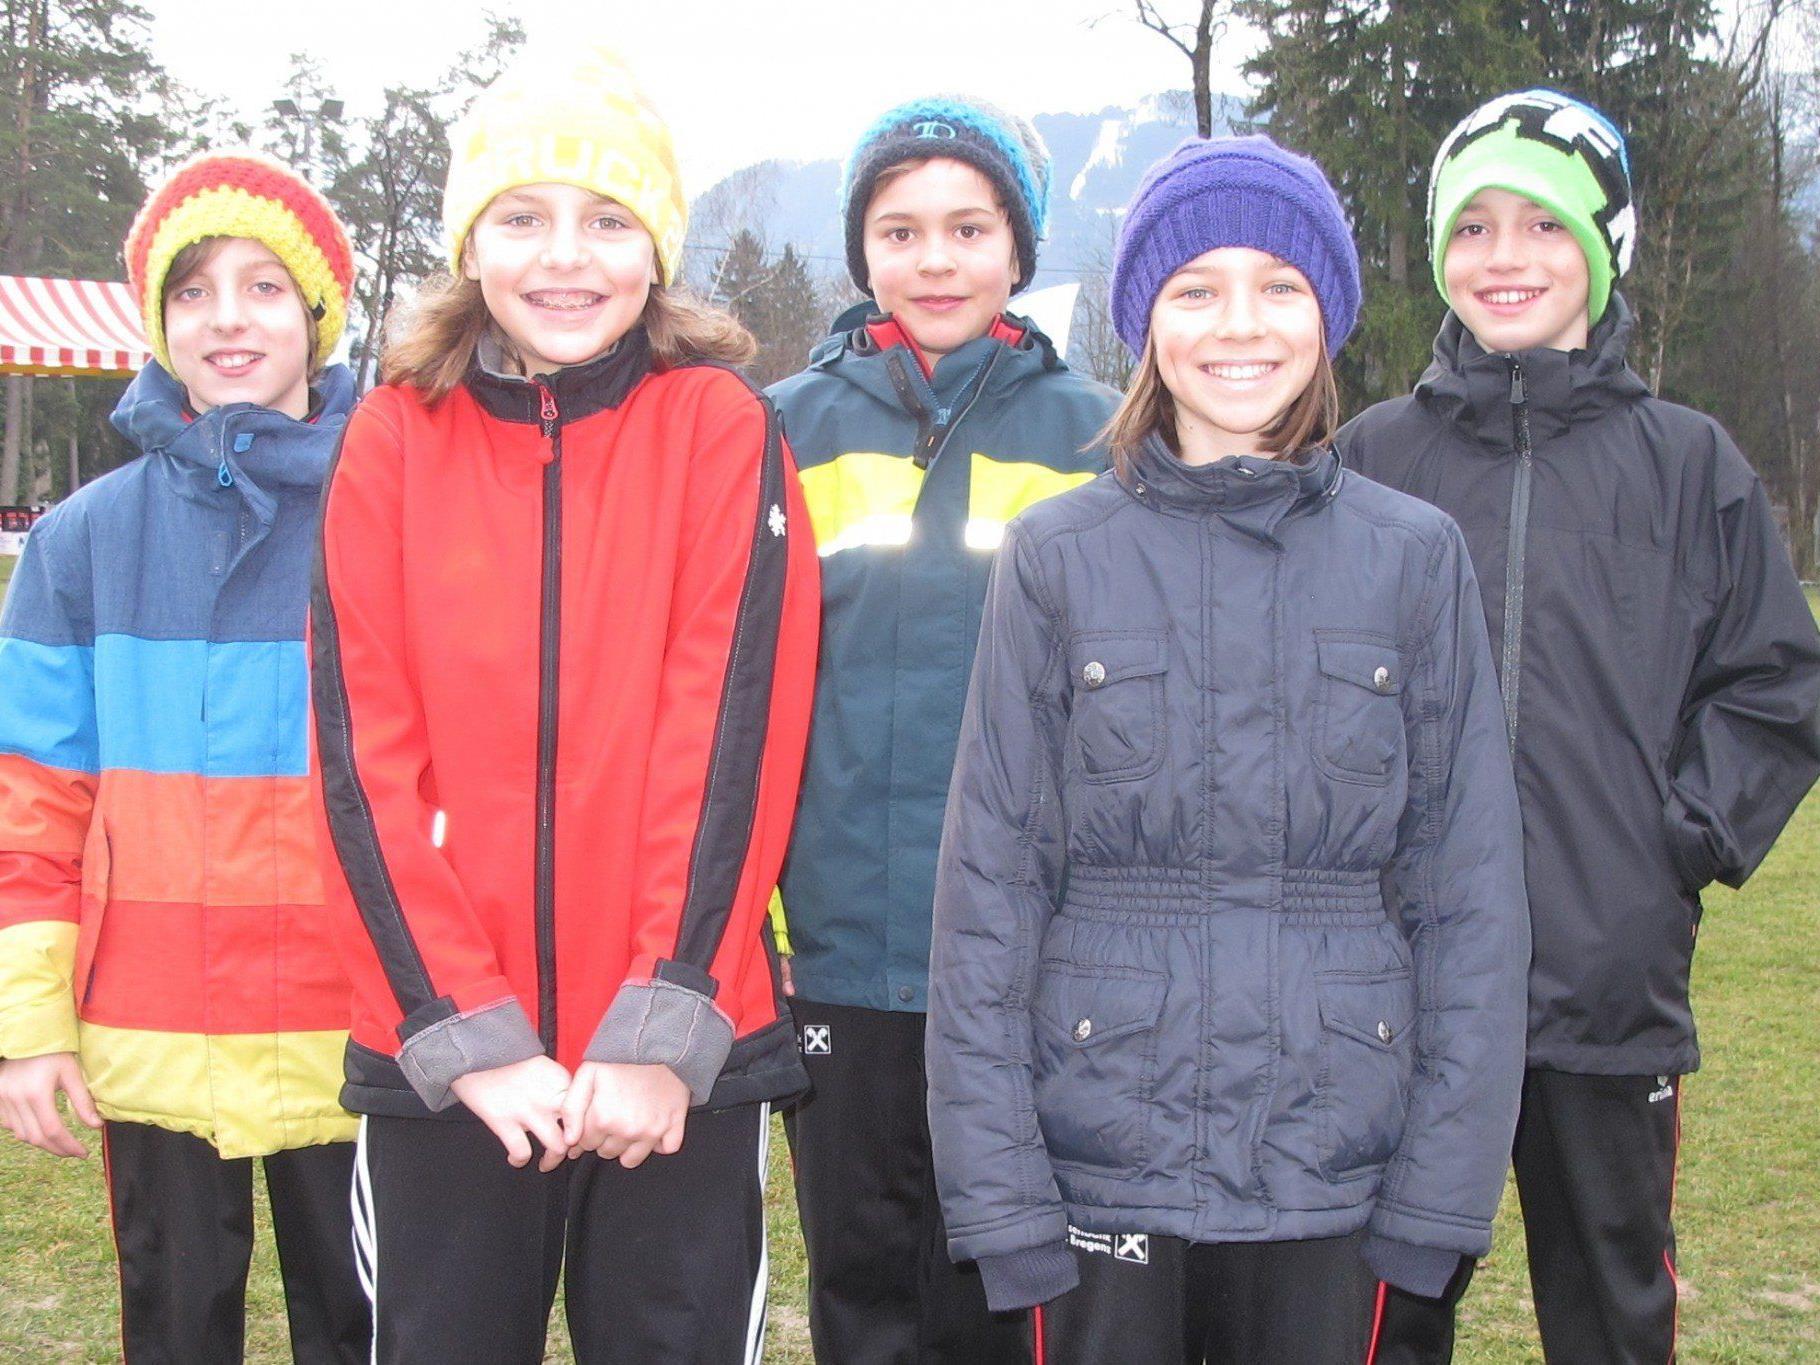 Die U-12-Leichtathleten bei der Crosslauf-Landesmeisterschaft in Gisingen